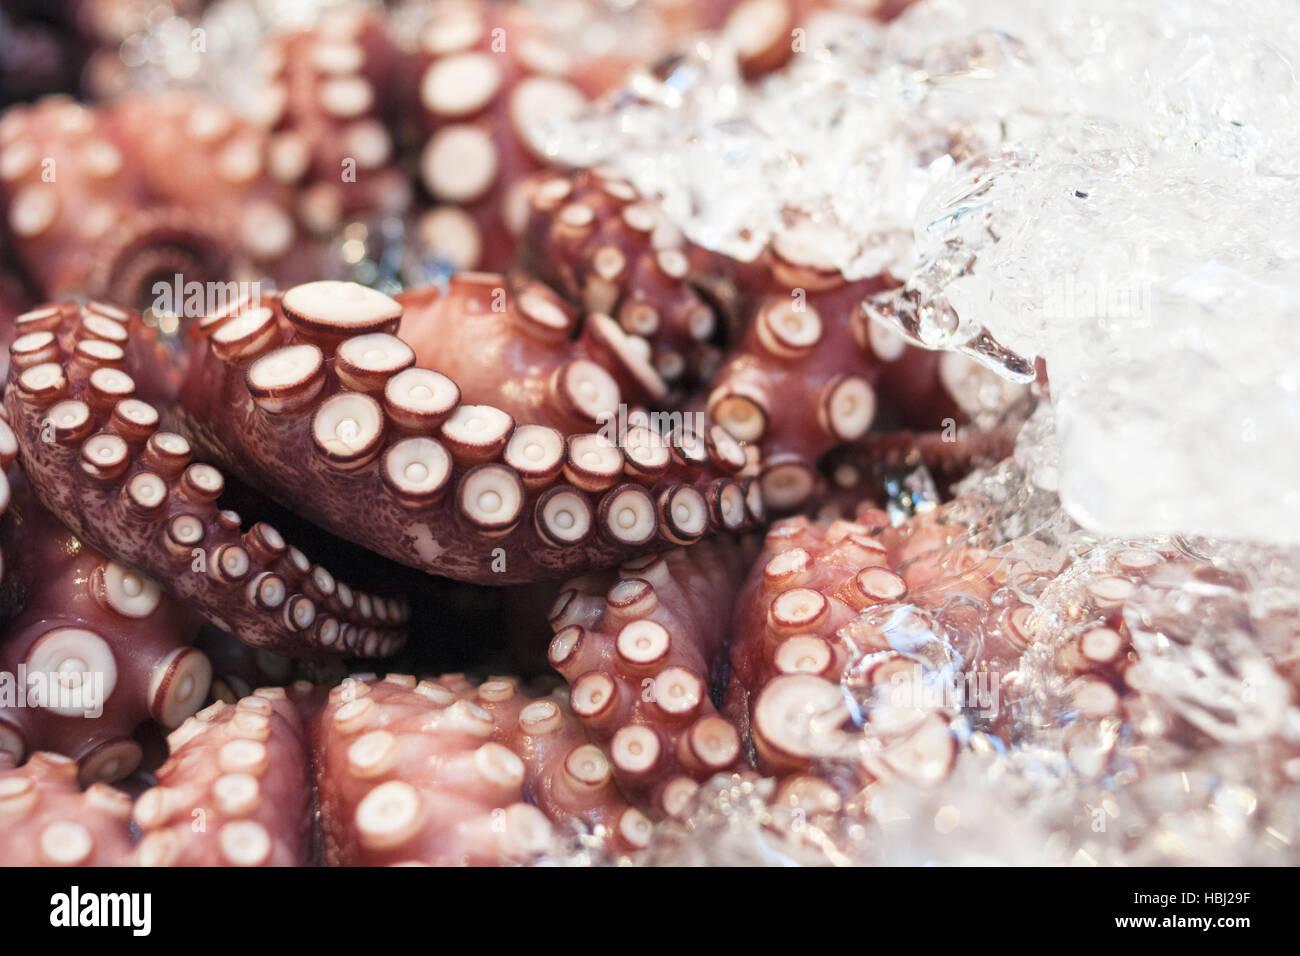 Charmant Tintenfisch Färbung Blatt Fotos - Druckbare Malvorlagen ...